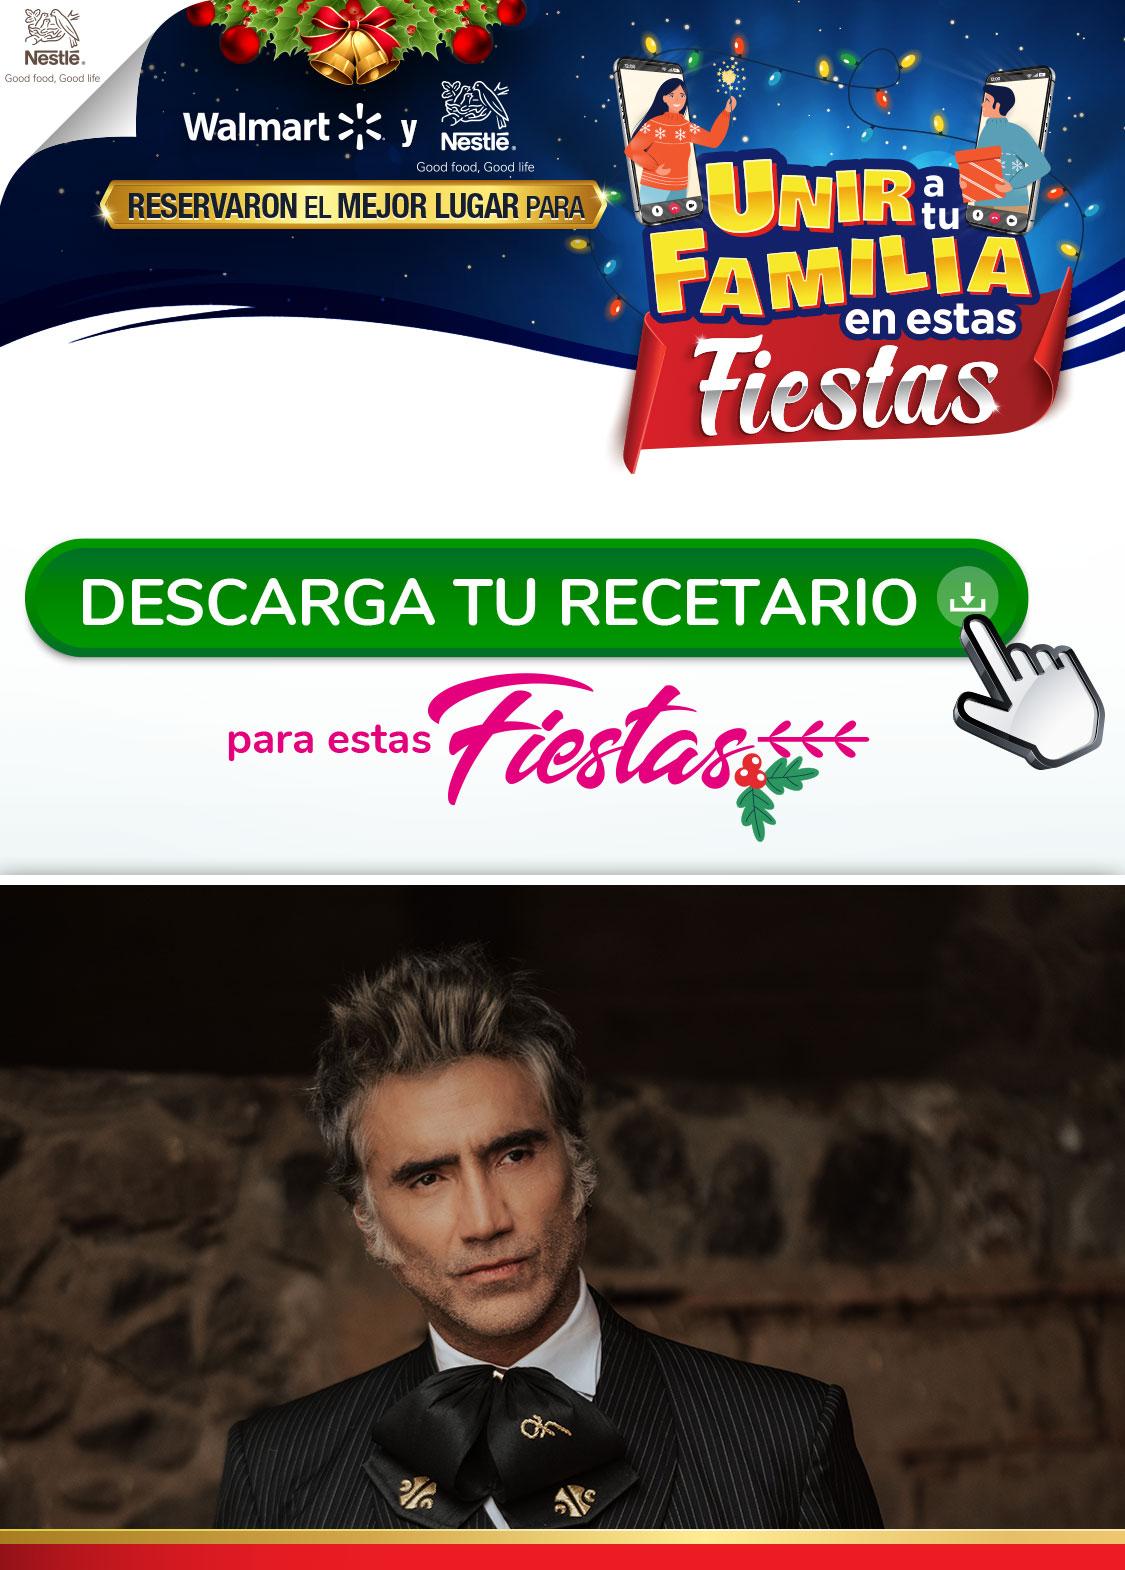 Concierto de Navidad de Alejandro Fernández que se realizará el 31 de diciembre de 2020 a las 20.00 horas